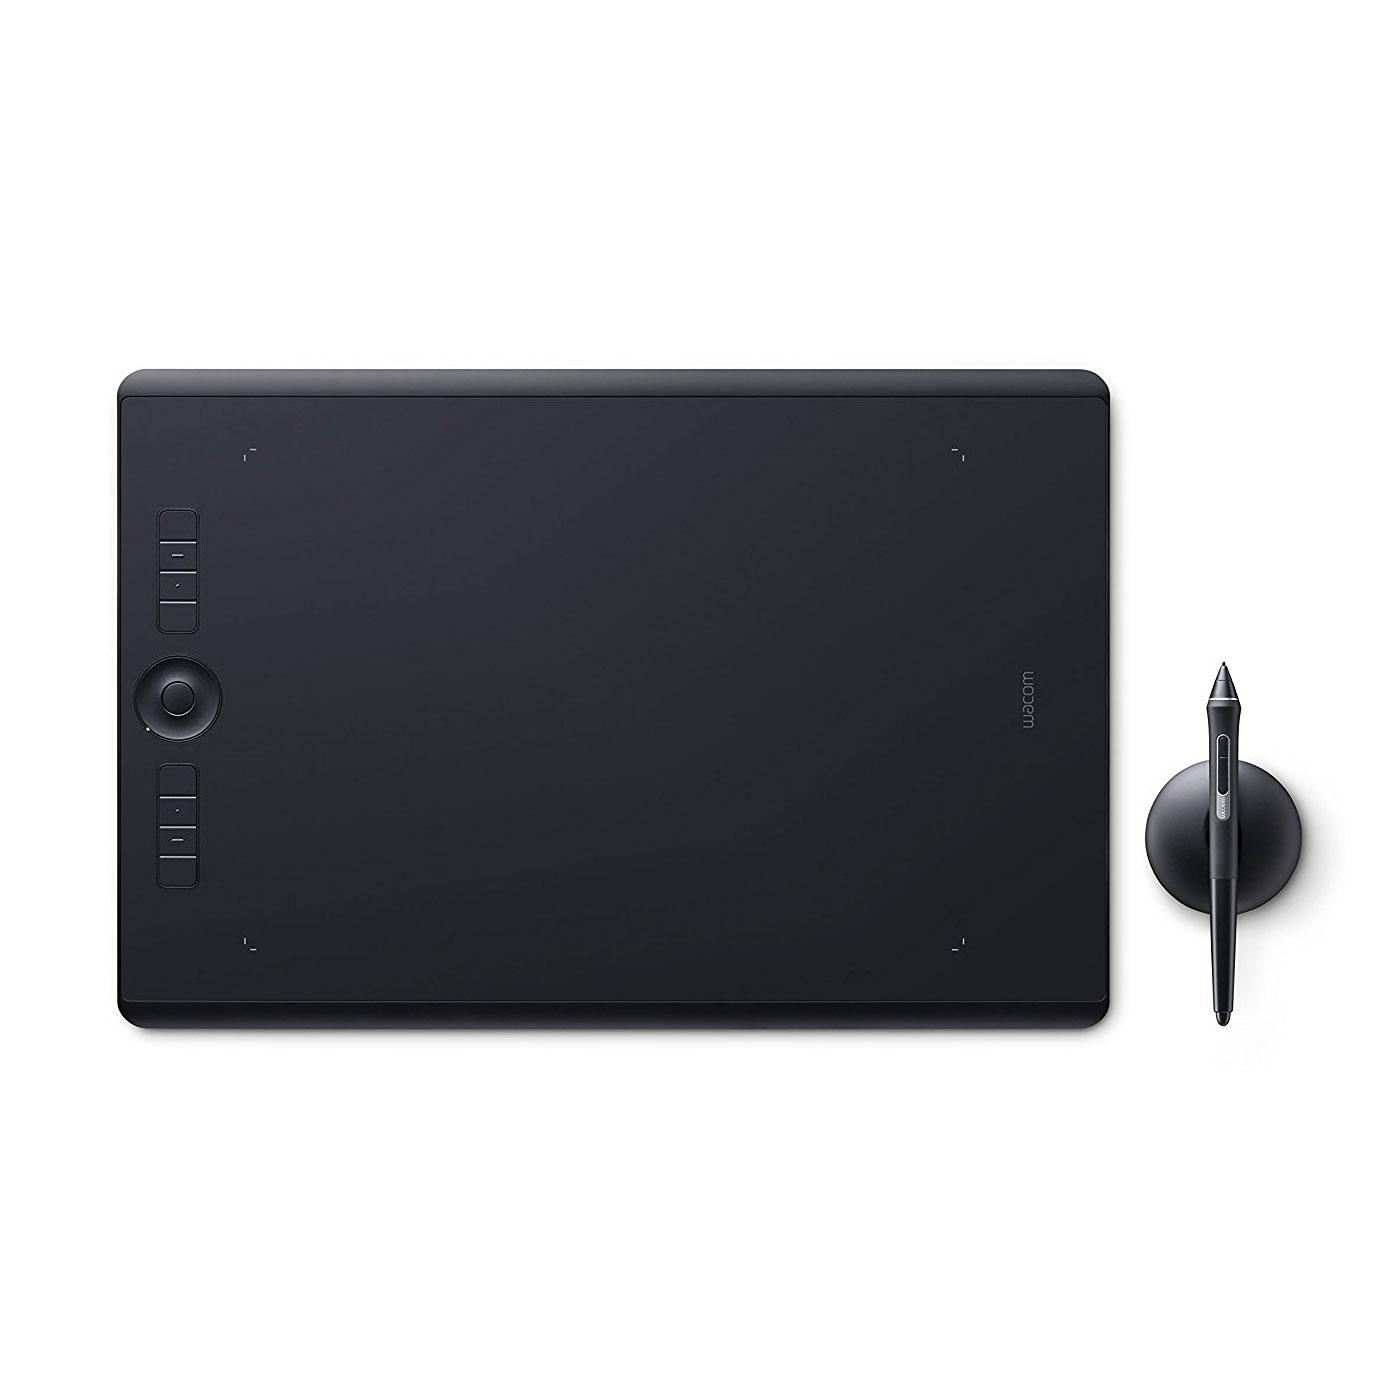 Tablette graphique Wacom Intuos Pro Large (PTH-860-S) Tablette graphique professionnelle multi-touch, avec stylet Pro Pen 2 et repose-stylet (PC / Mac)